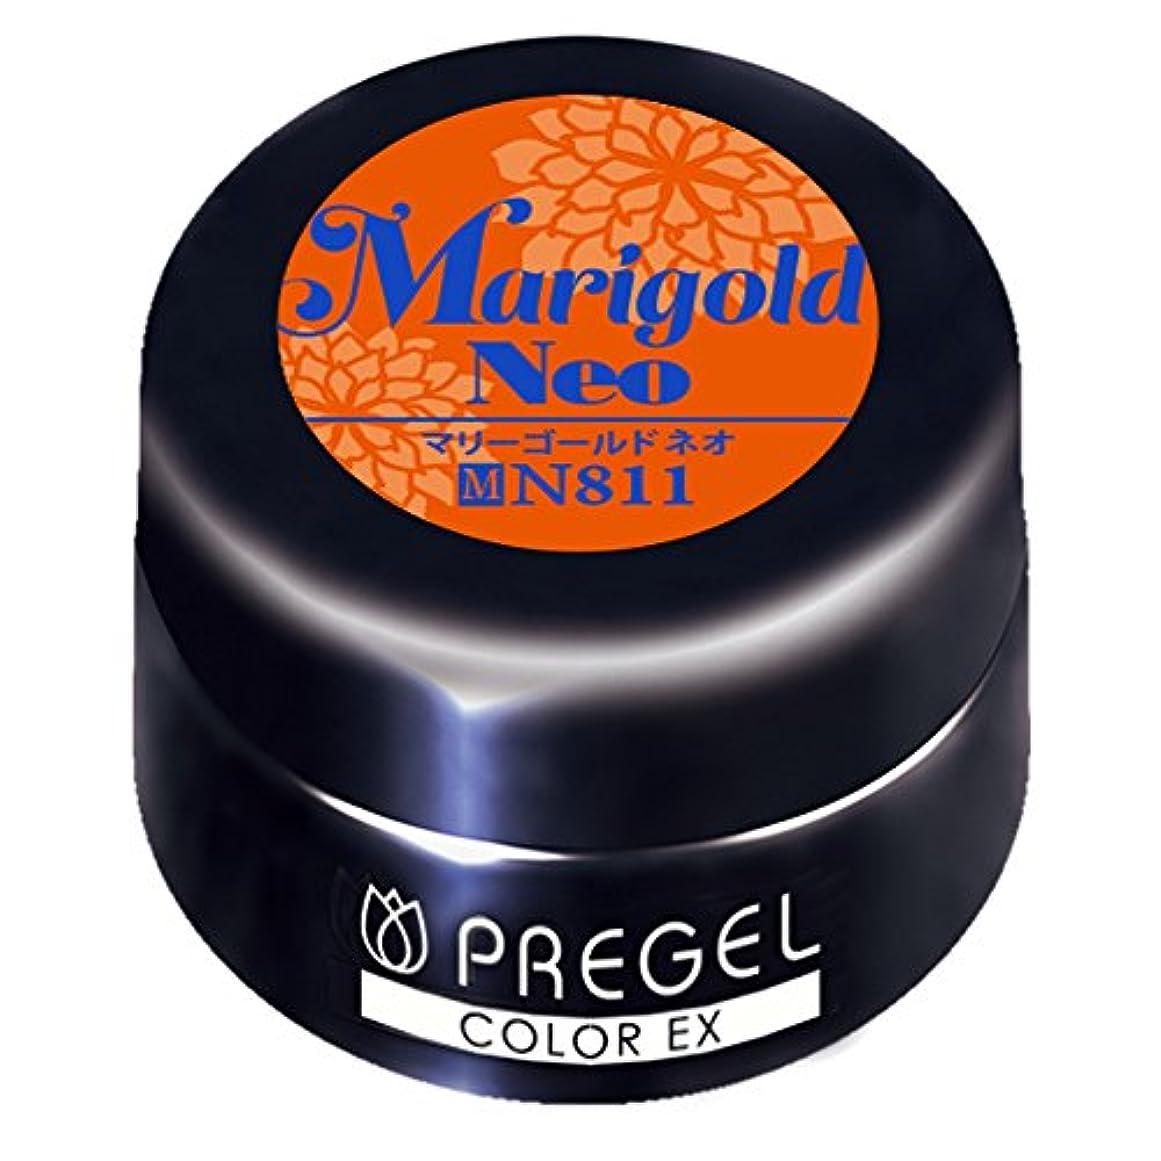 仲良し百フォローPRE GEL カラーEX マリーゴールドneo 811 3g UV/LED対応